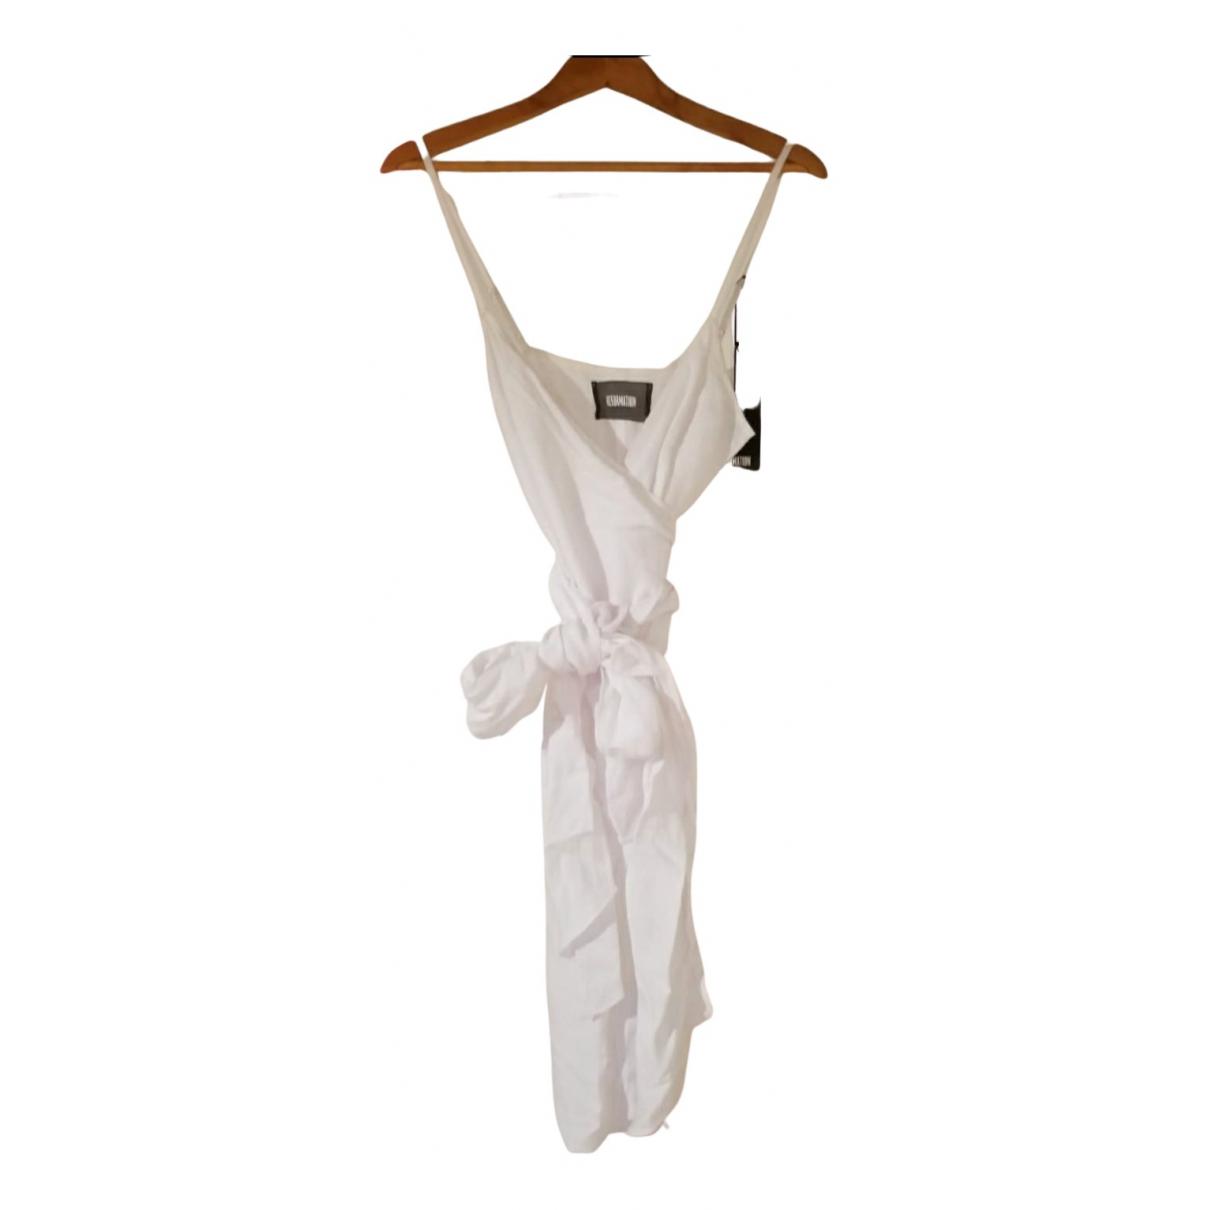 Reformation \N White dress for Women M International